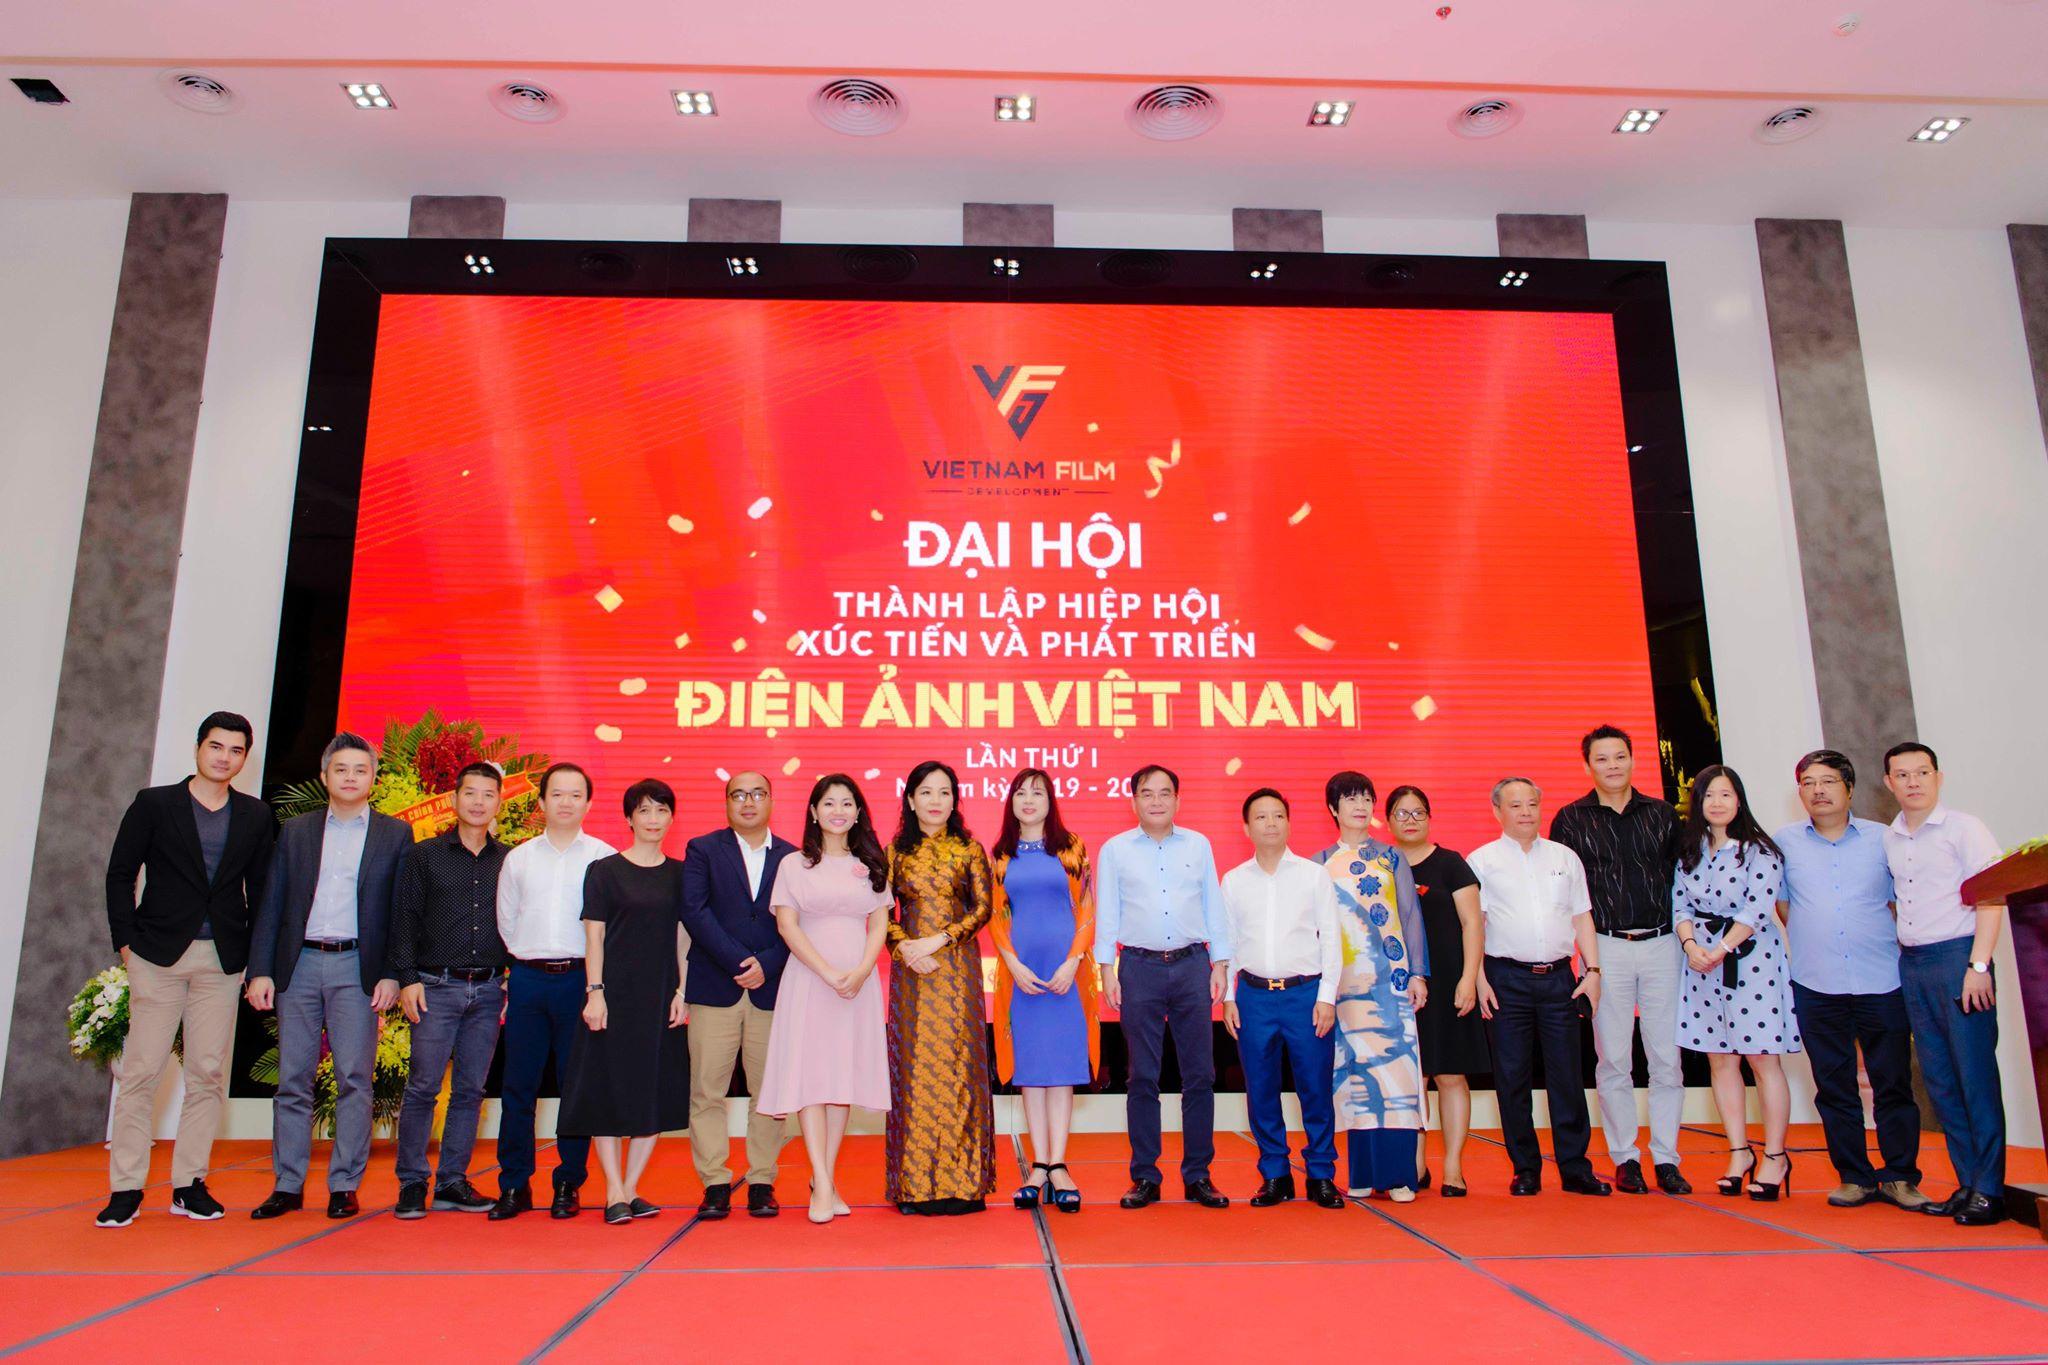 Ngô Thanh Vân giữ vai trò gì trong Hiệp hội Xúc tiến và Phát triển Điện ảnh VN? - 1